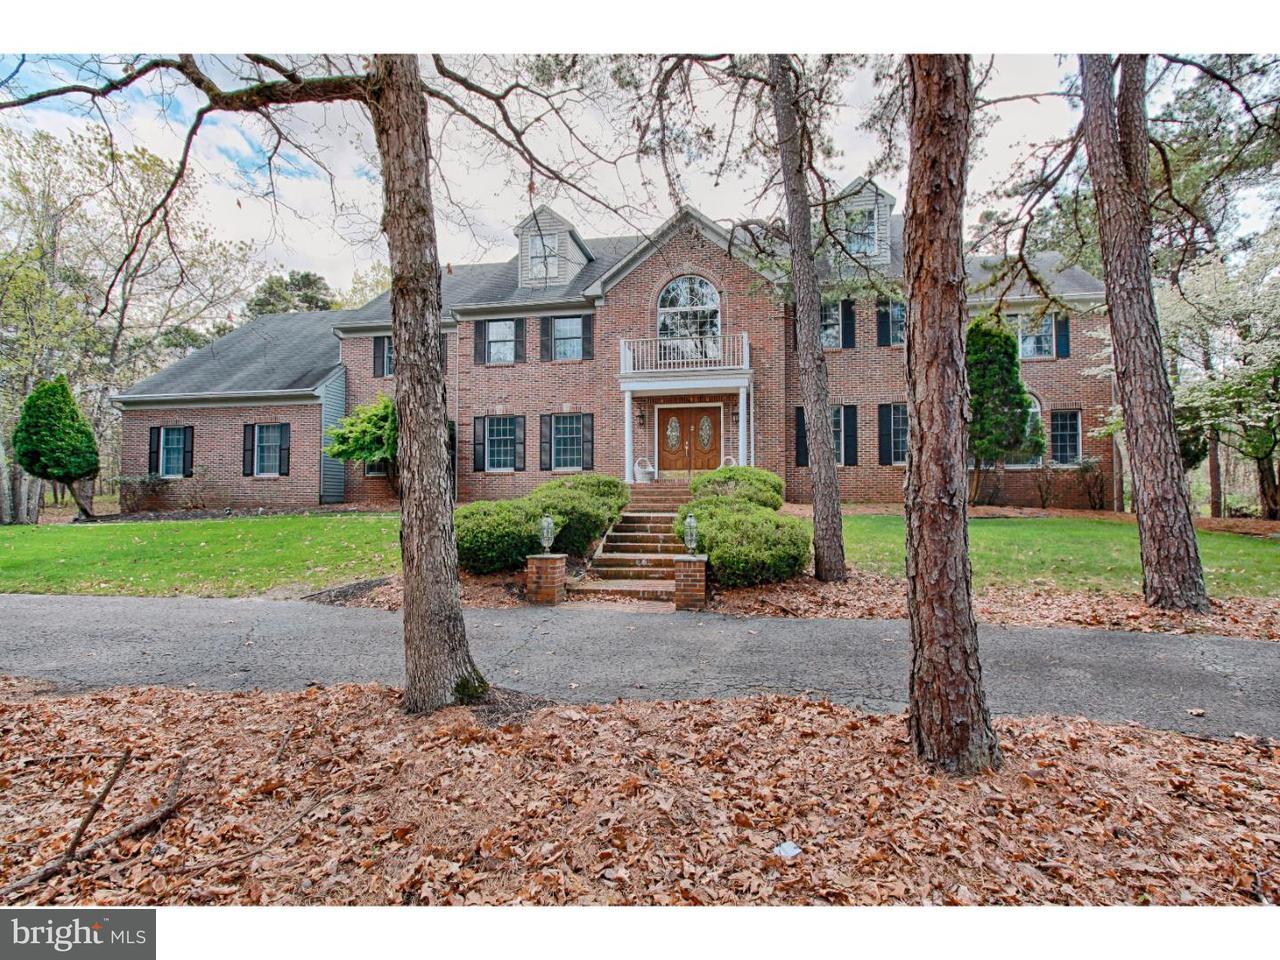 Частный односемейный дом для того Продажа на 2 WILDERNESS Drive Medford, Нью-Джерси 08055 Соединенные Штаты